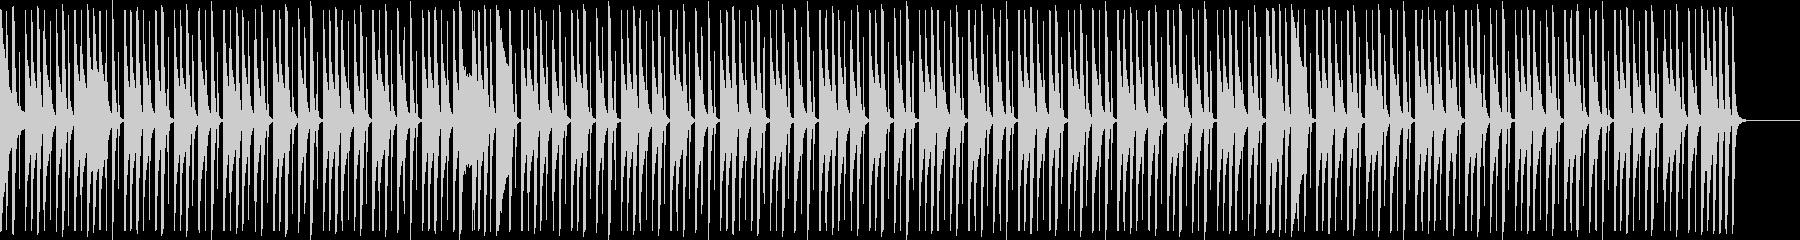 軽快テクノポップ♪楽しいコミカル♪アニメの未再生の波形